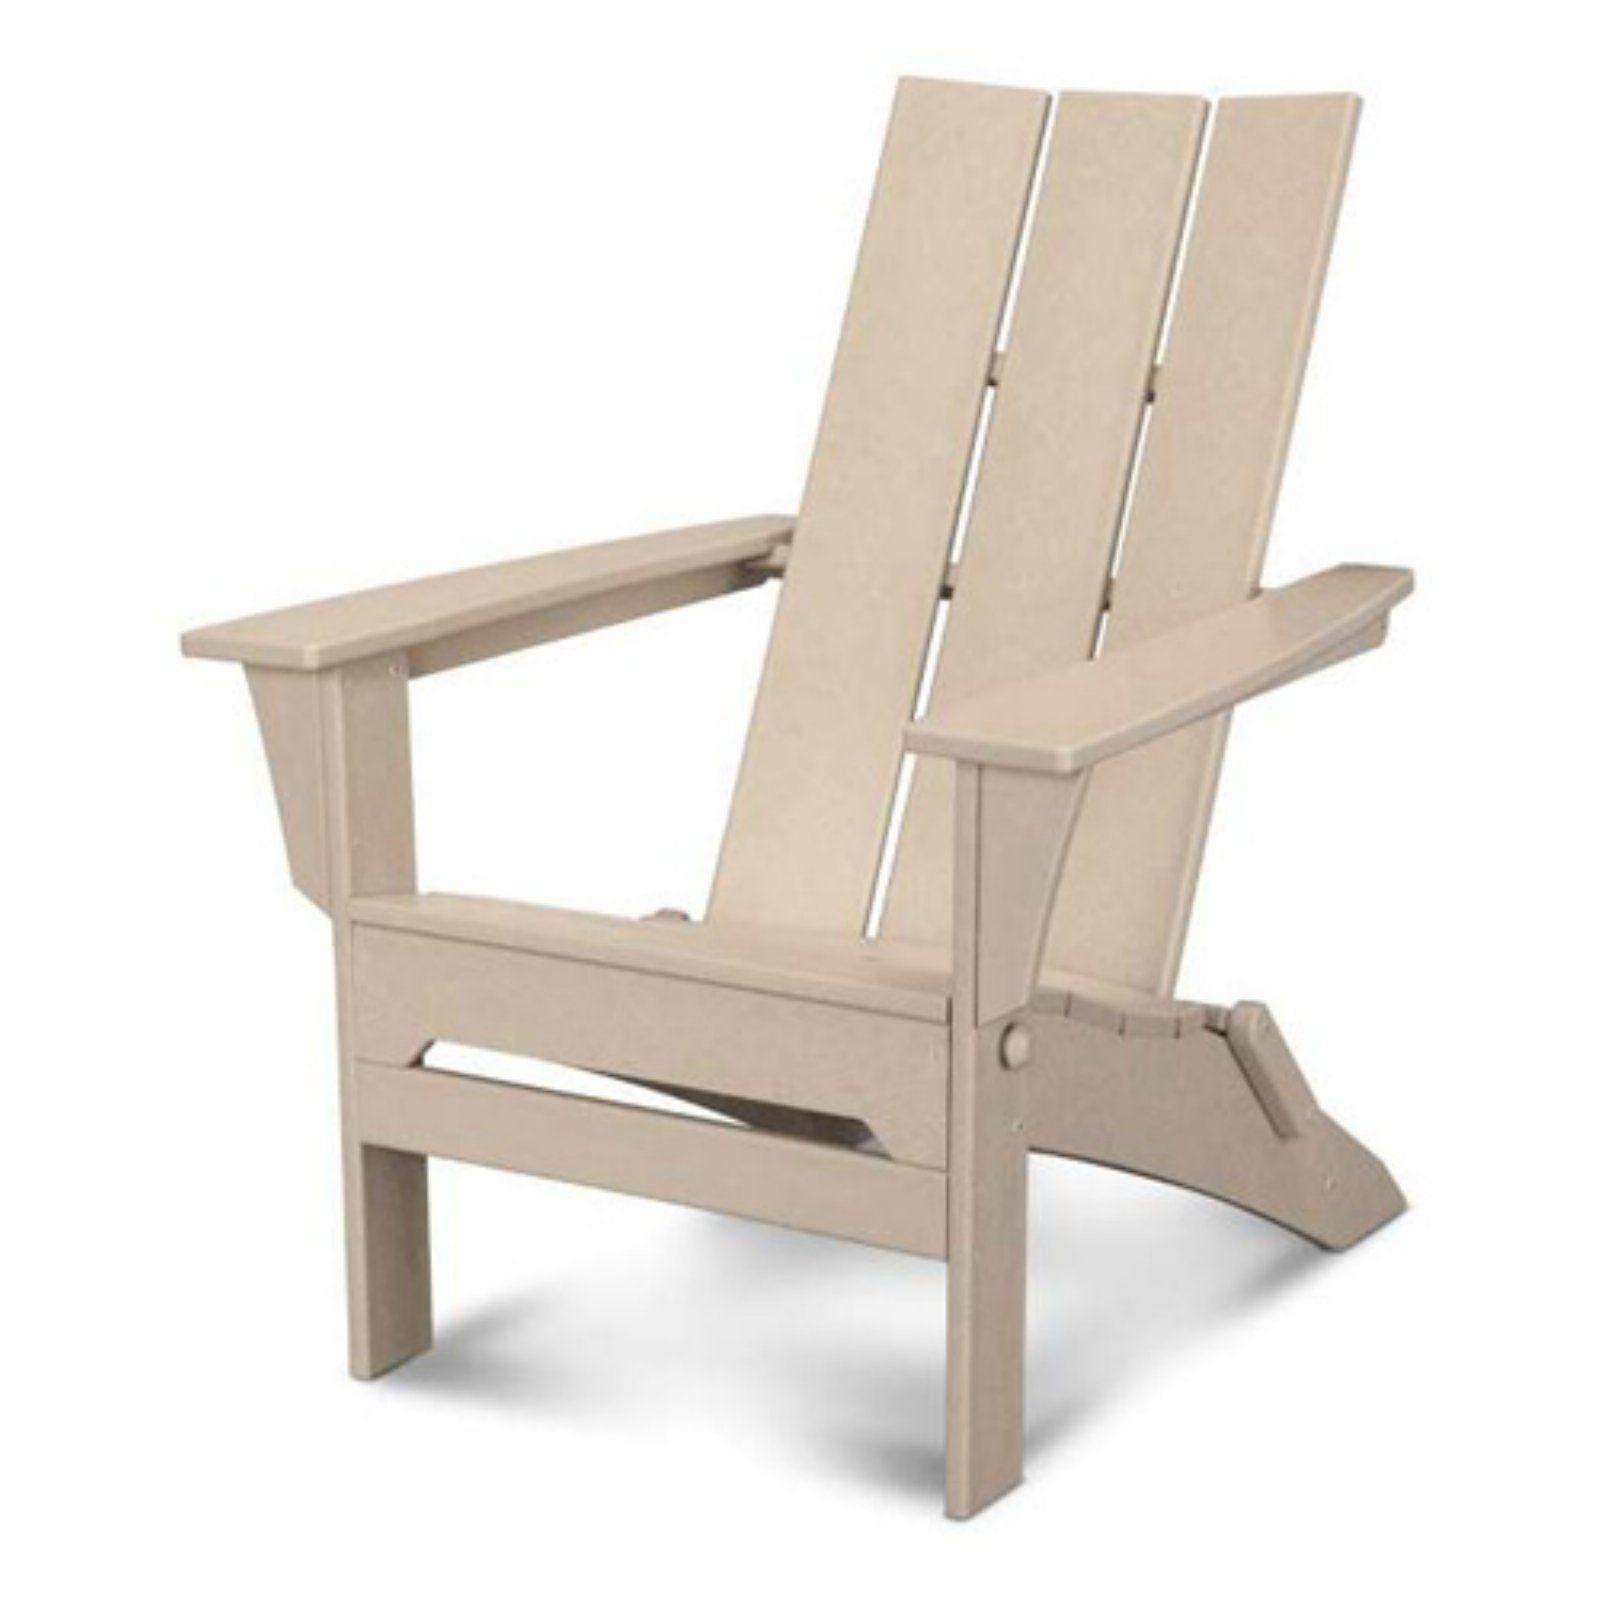 Polywood Modern Folding Adirondack Chair Folding Adirondack